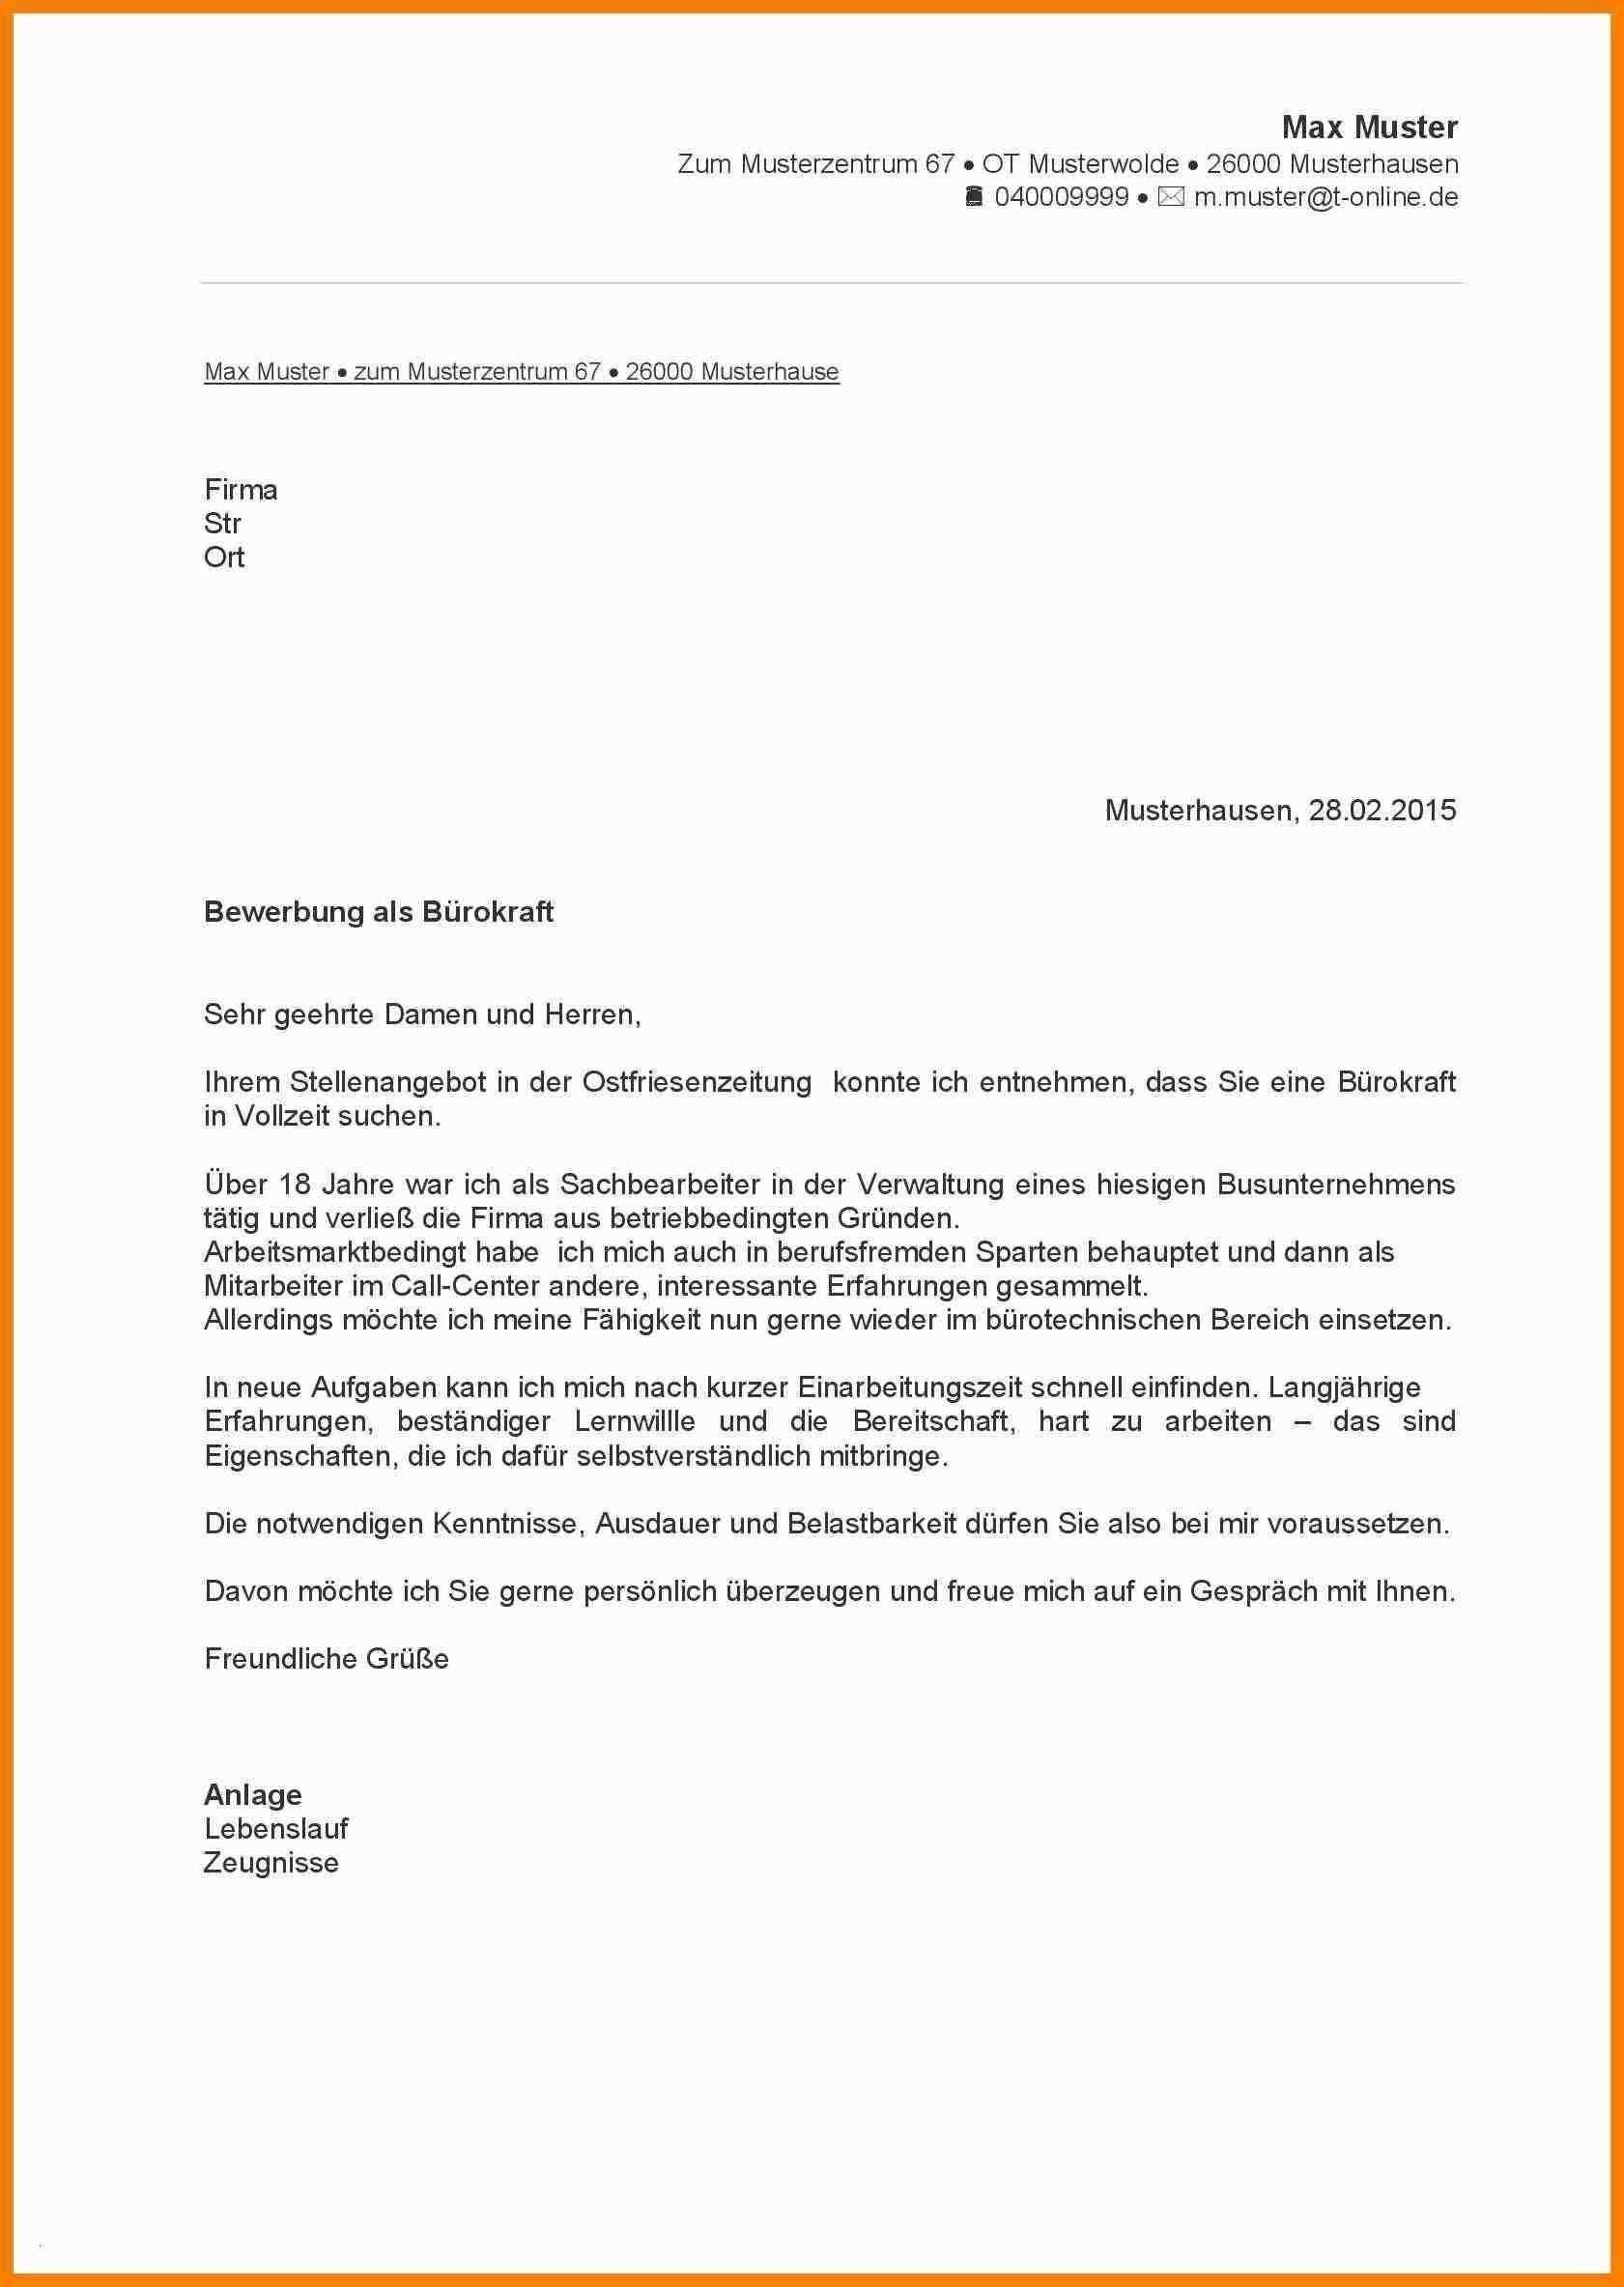 Frisch Bewerbungsvorlage Pdf Briefprobe Briefformat Briefvorlage Lebenslauf Lebenslauf Muster Bewerbung